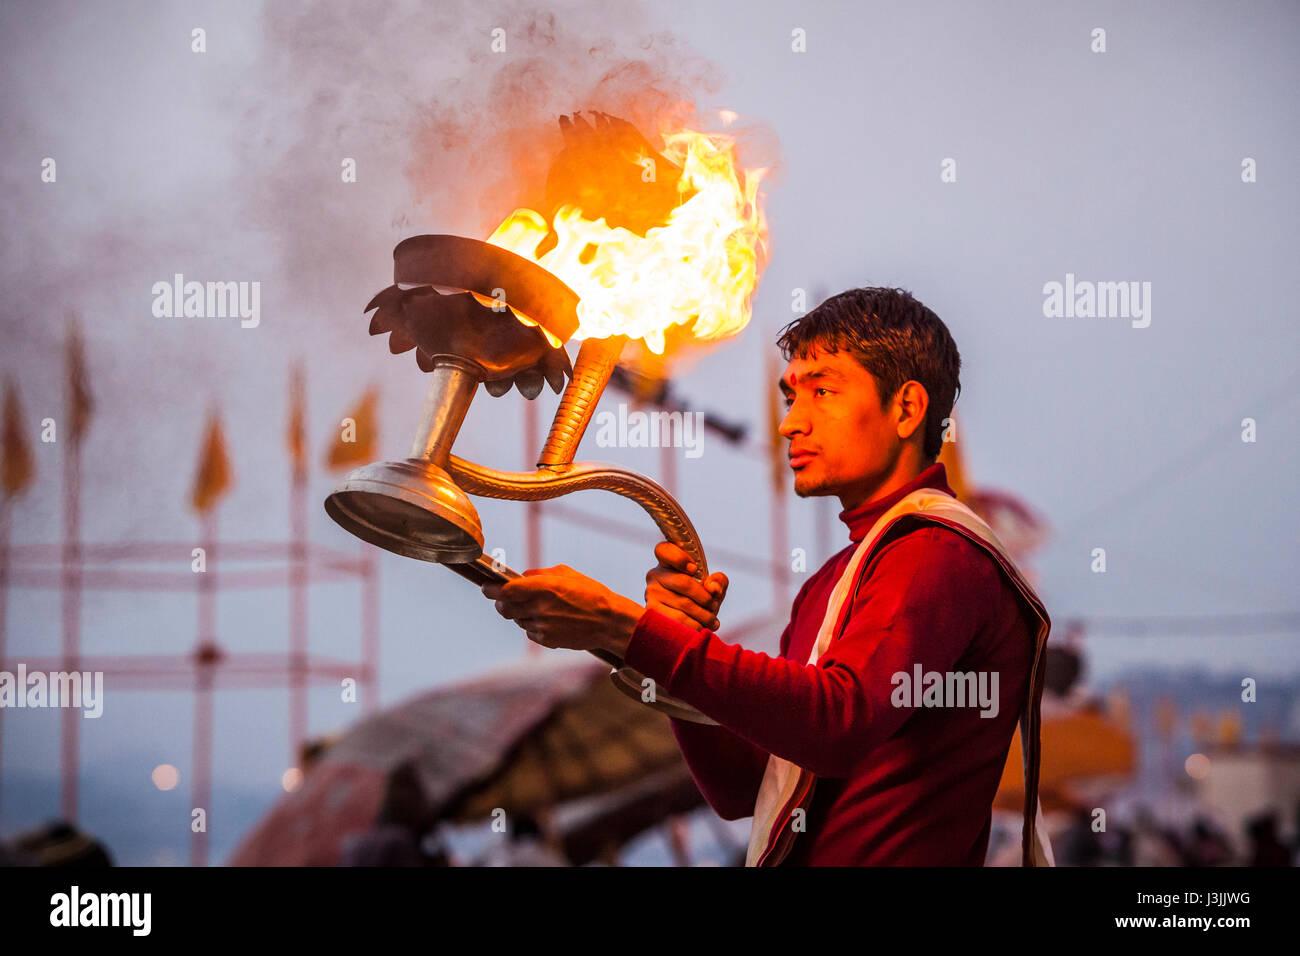 Un sacerdote Hindú en las orillas del Ganges / río Ganges en Varanasi, India realiza una ceremonia (puja) Imagen De Stock